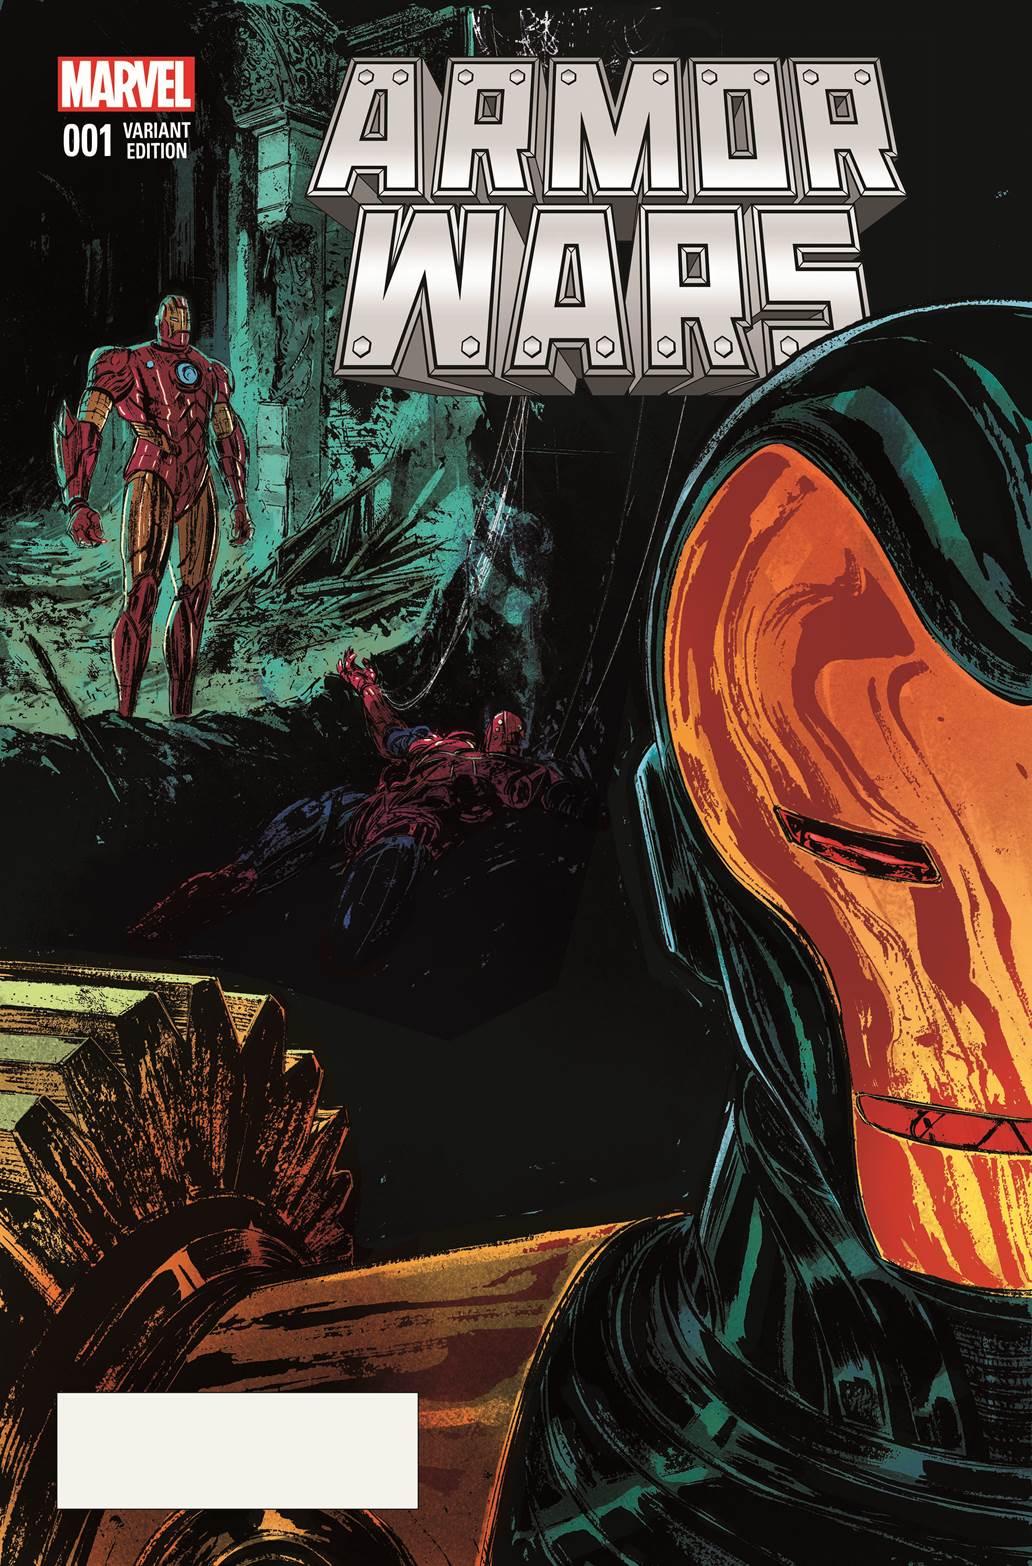 Armor_Wars_1_Del_Rey_Variant